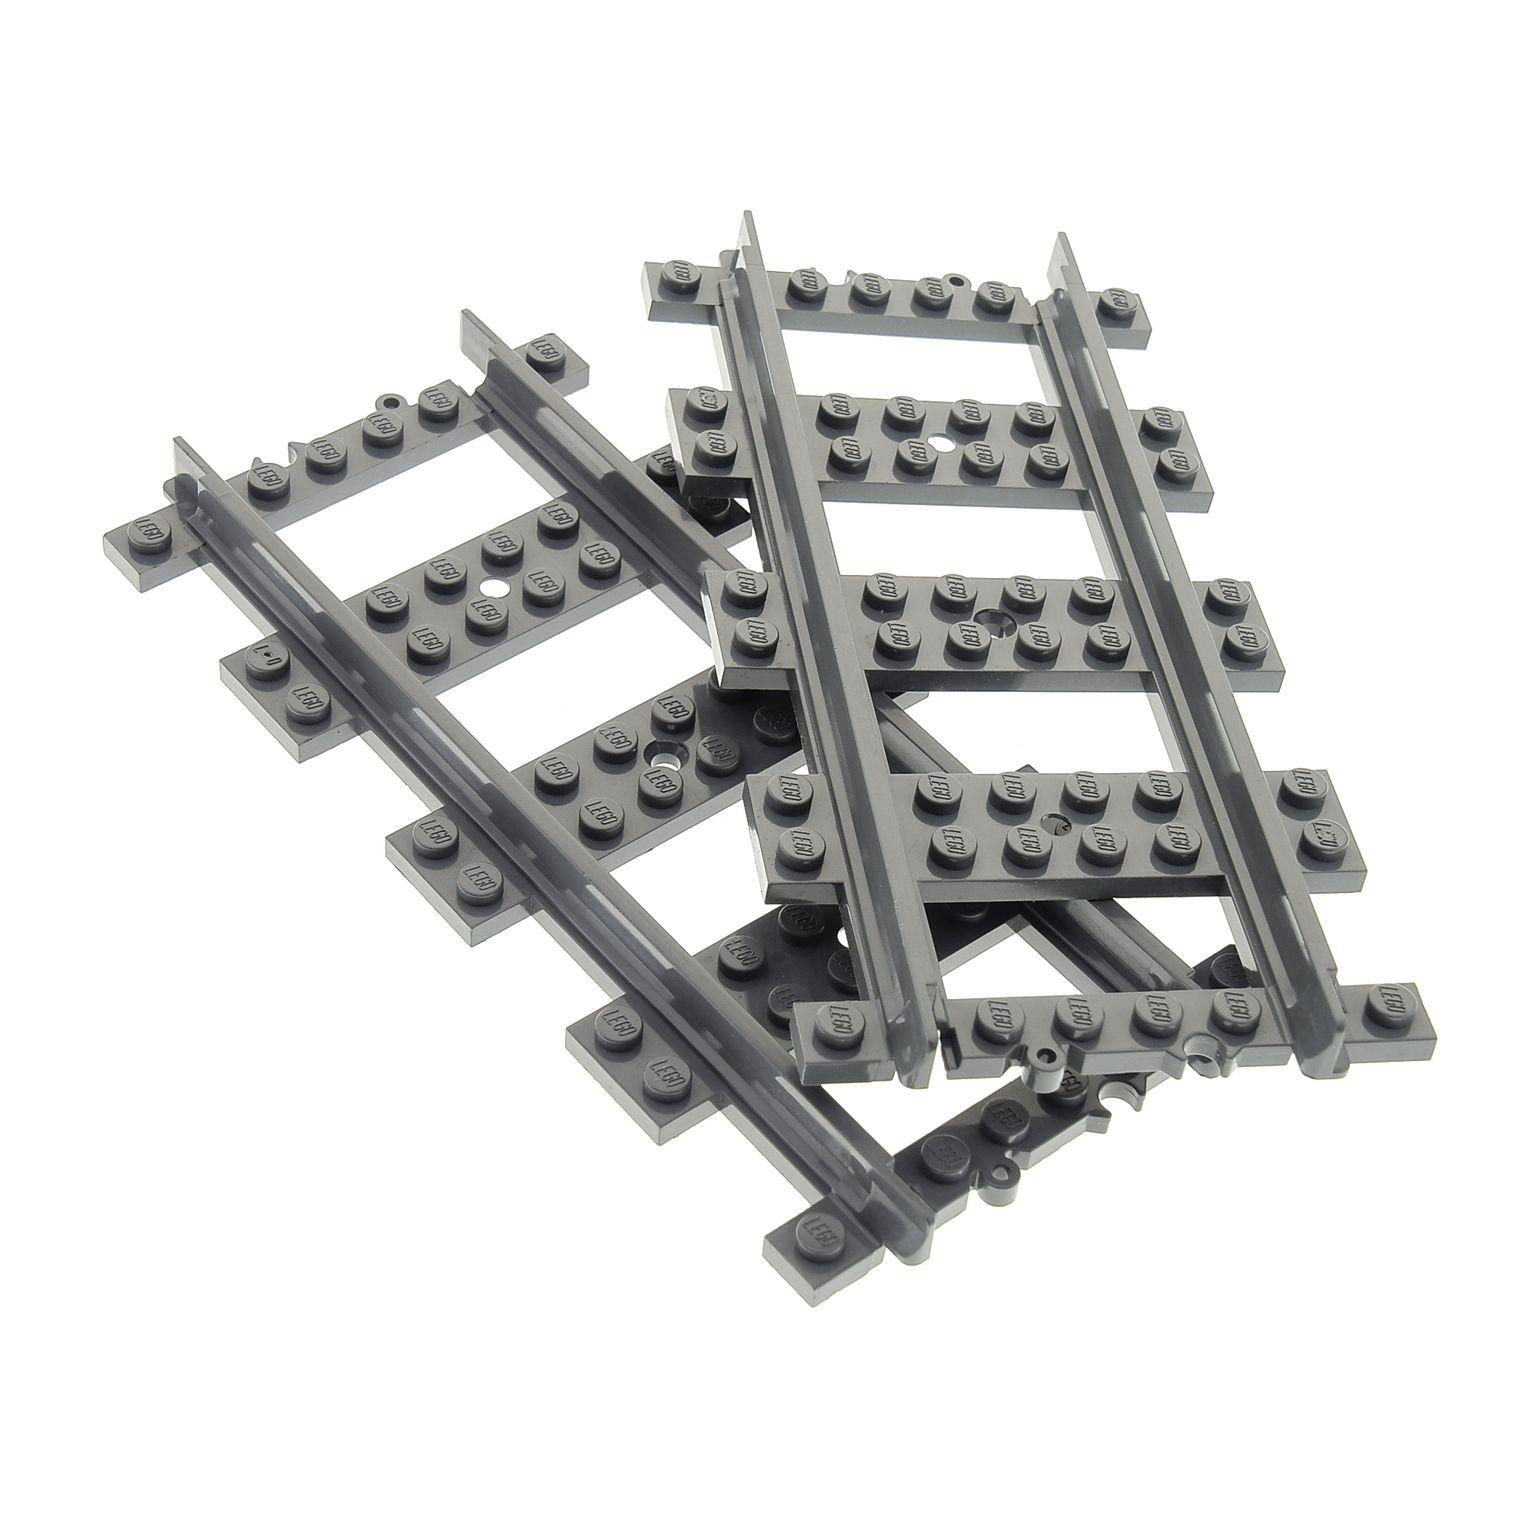 2 X Lego System Schiene Neu Dunkel Grau Gerade Eisenbahn Schienen